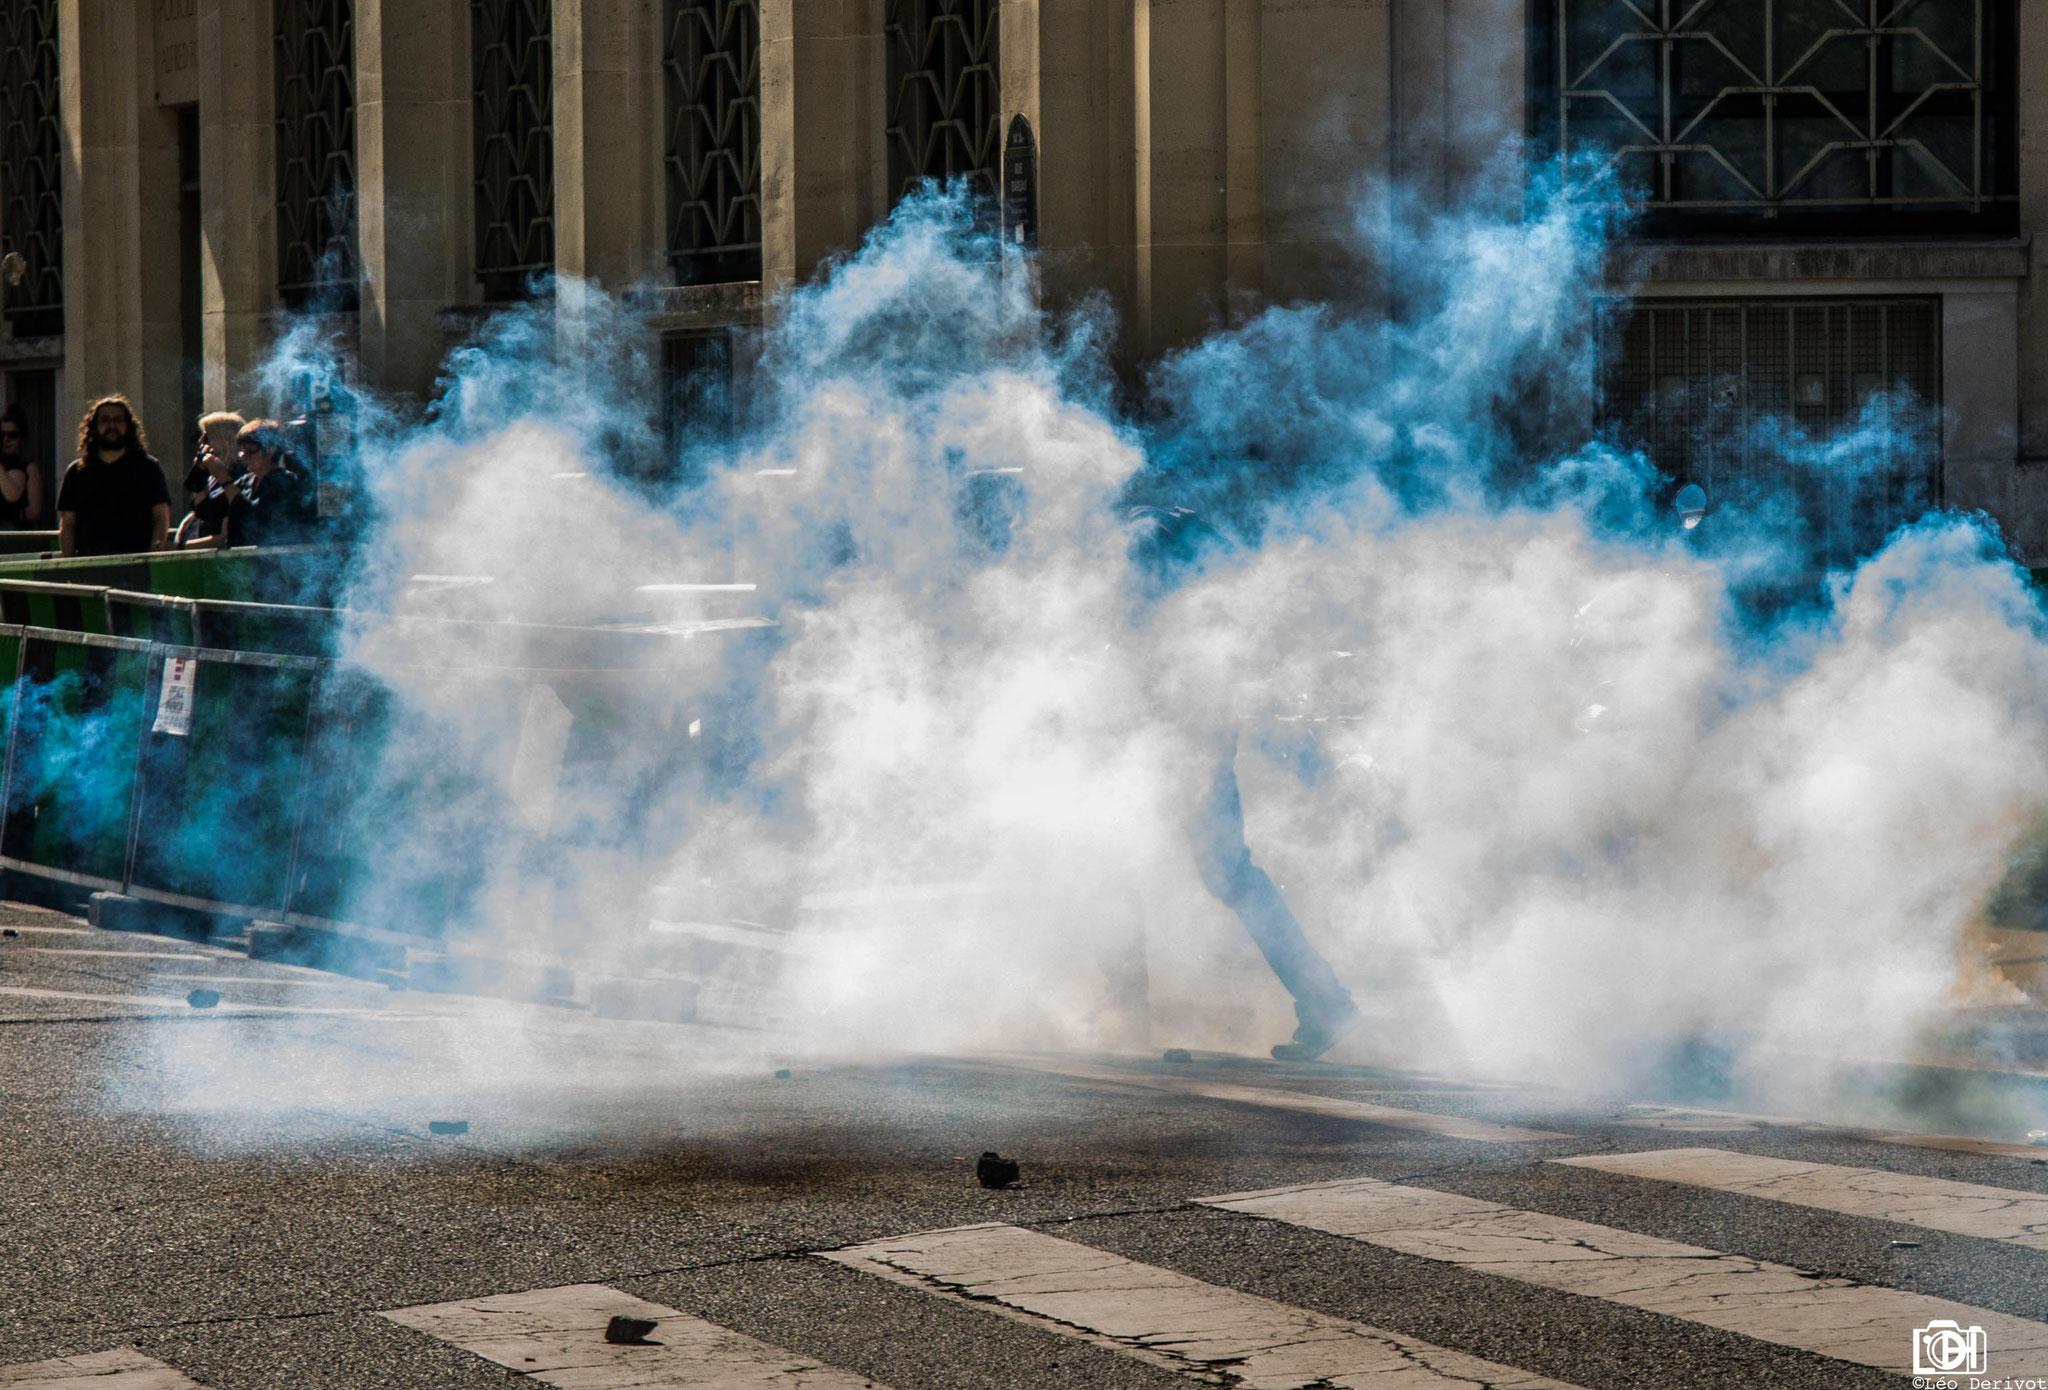 Manifestation de soutien aux cheminots, Paris, 19 Avril 2018